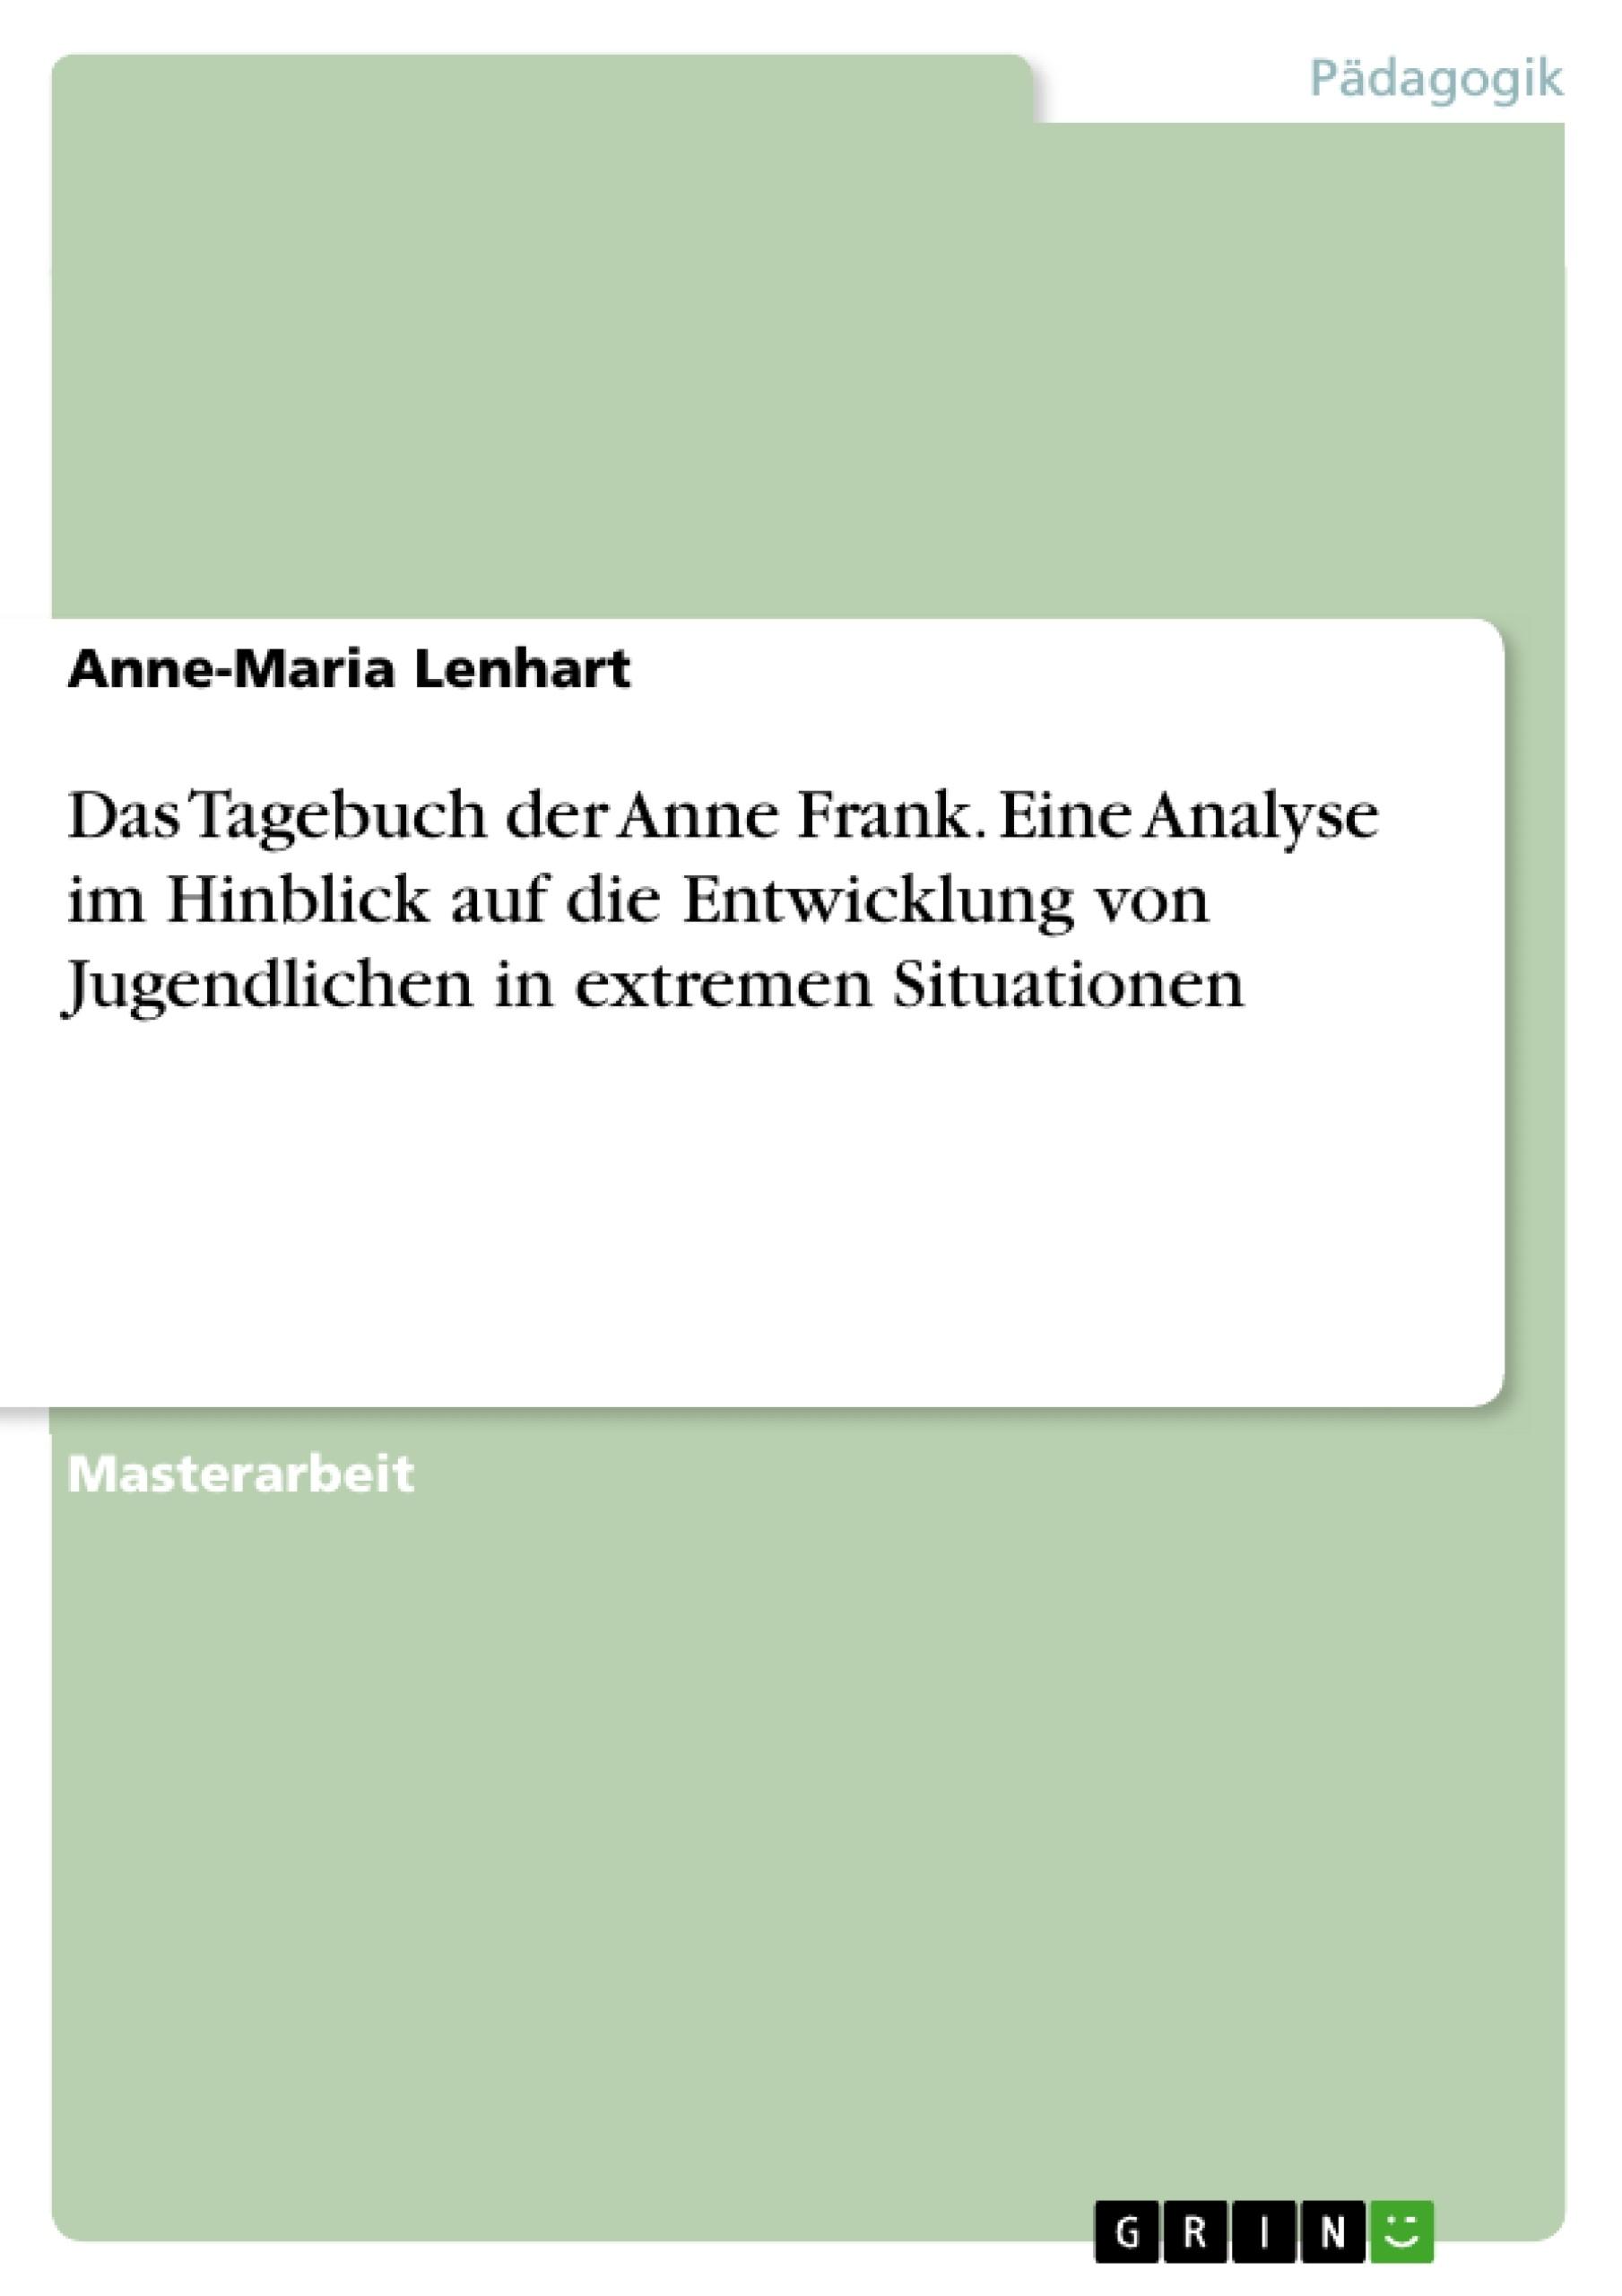 laden sie ihre eigenen arbeiten hoch geld verdienen und iphone x gewinnen - Anne Frank Lebenslauf